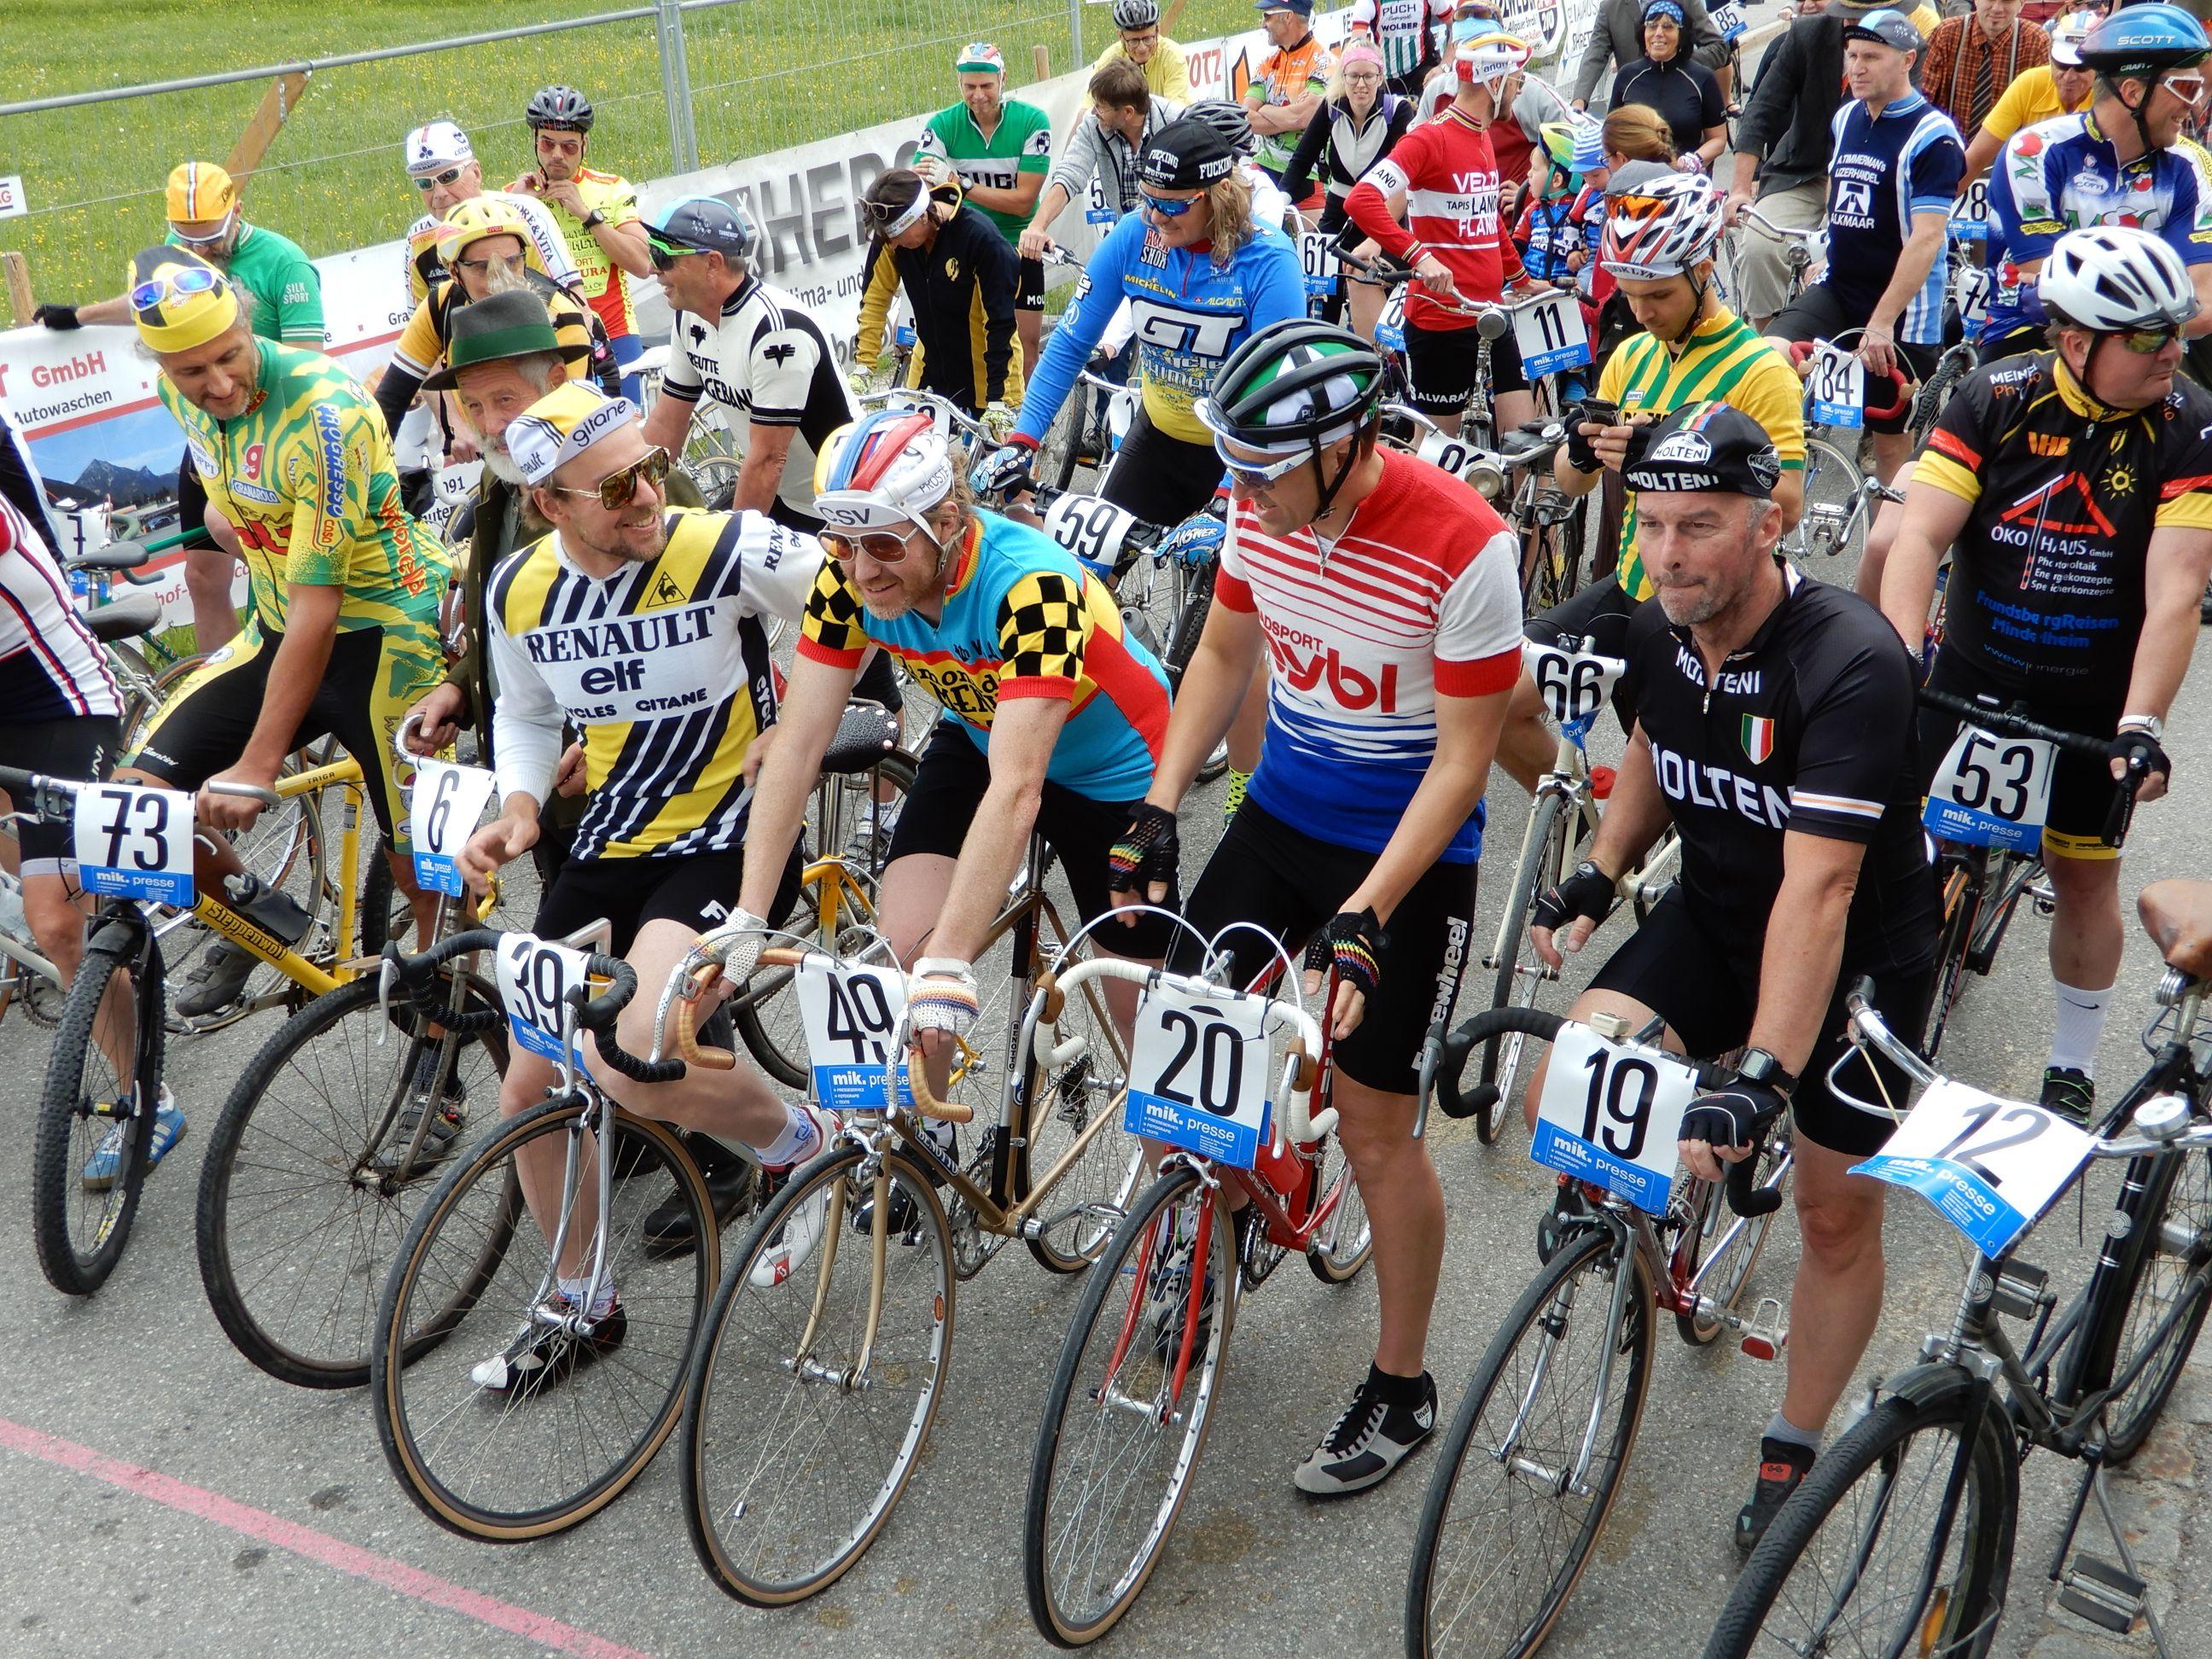 Bilder Retro Charity und Ergebnisliste Straßenradrennen